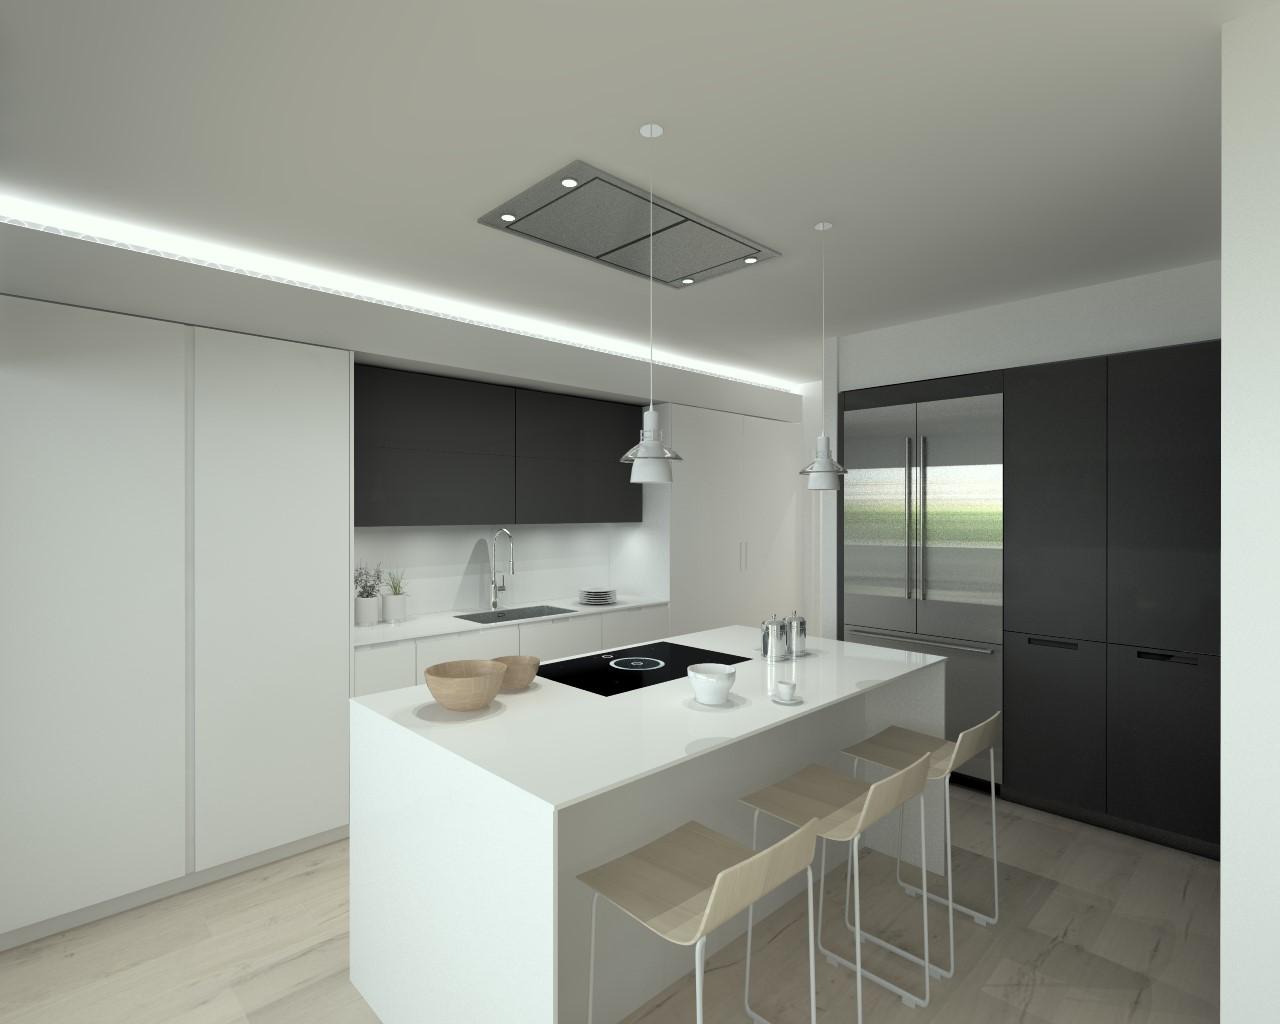 Cocinas santos modelo iintra laca seda blanco y gris for Modelos de cocinas minimalistas